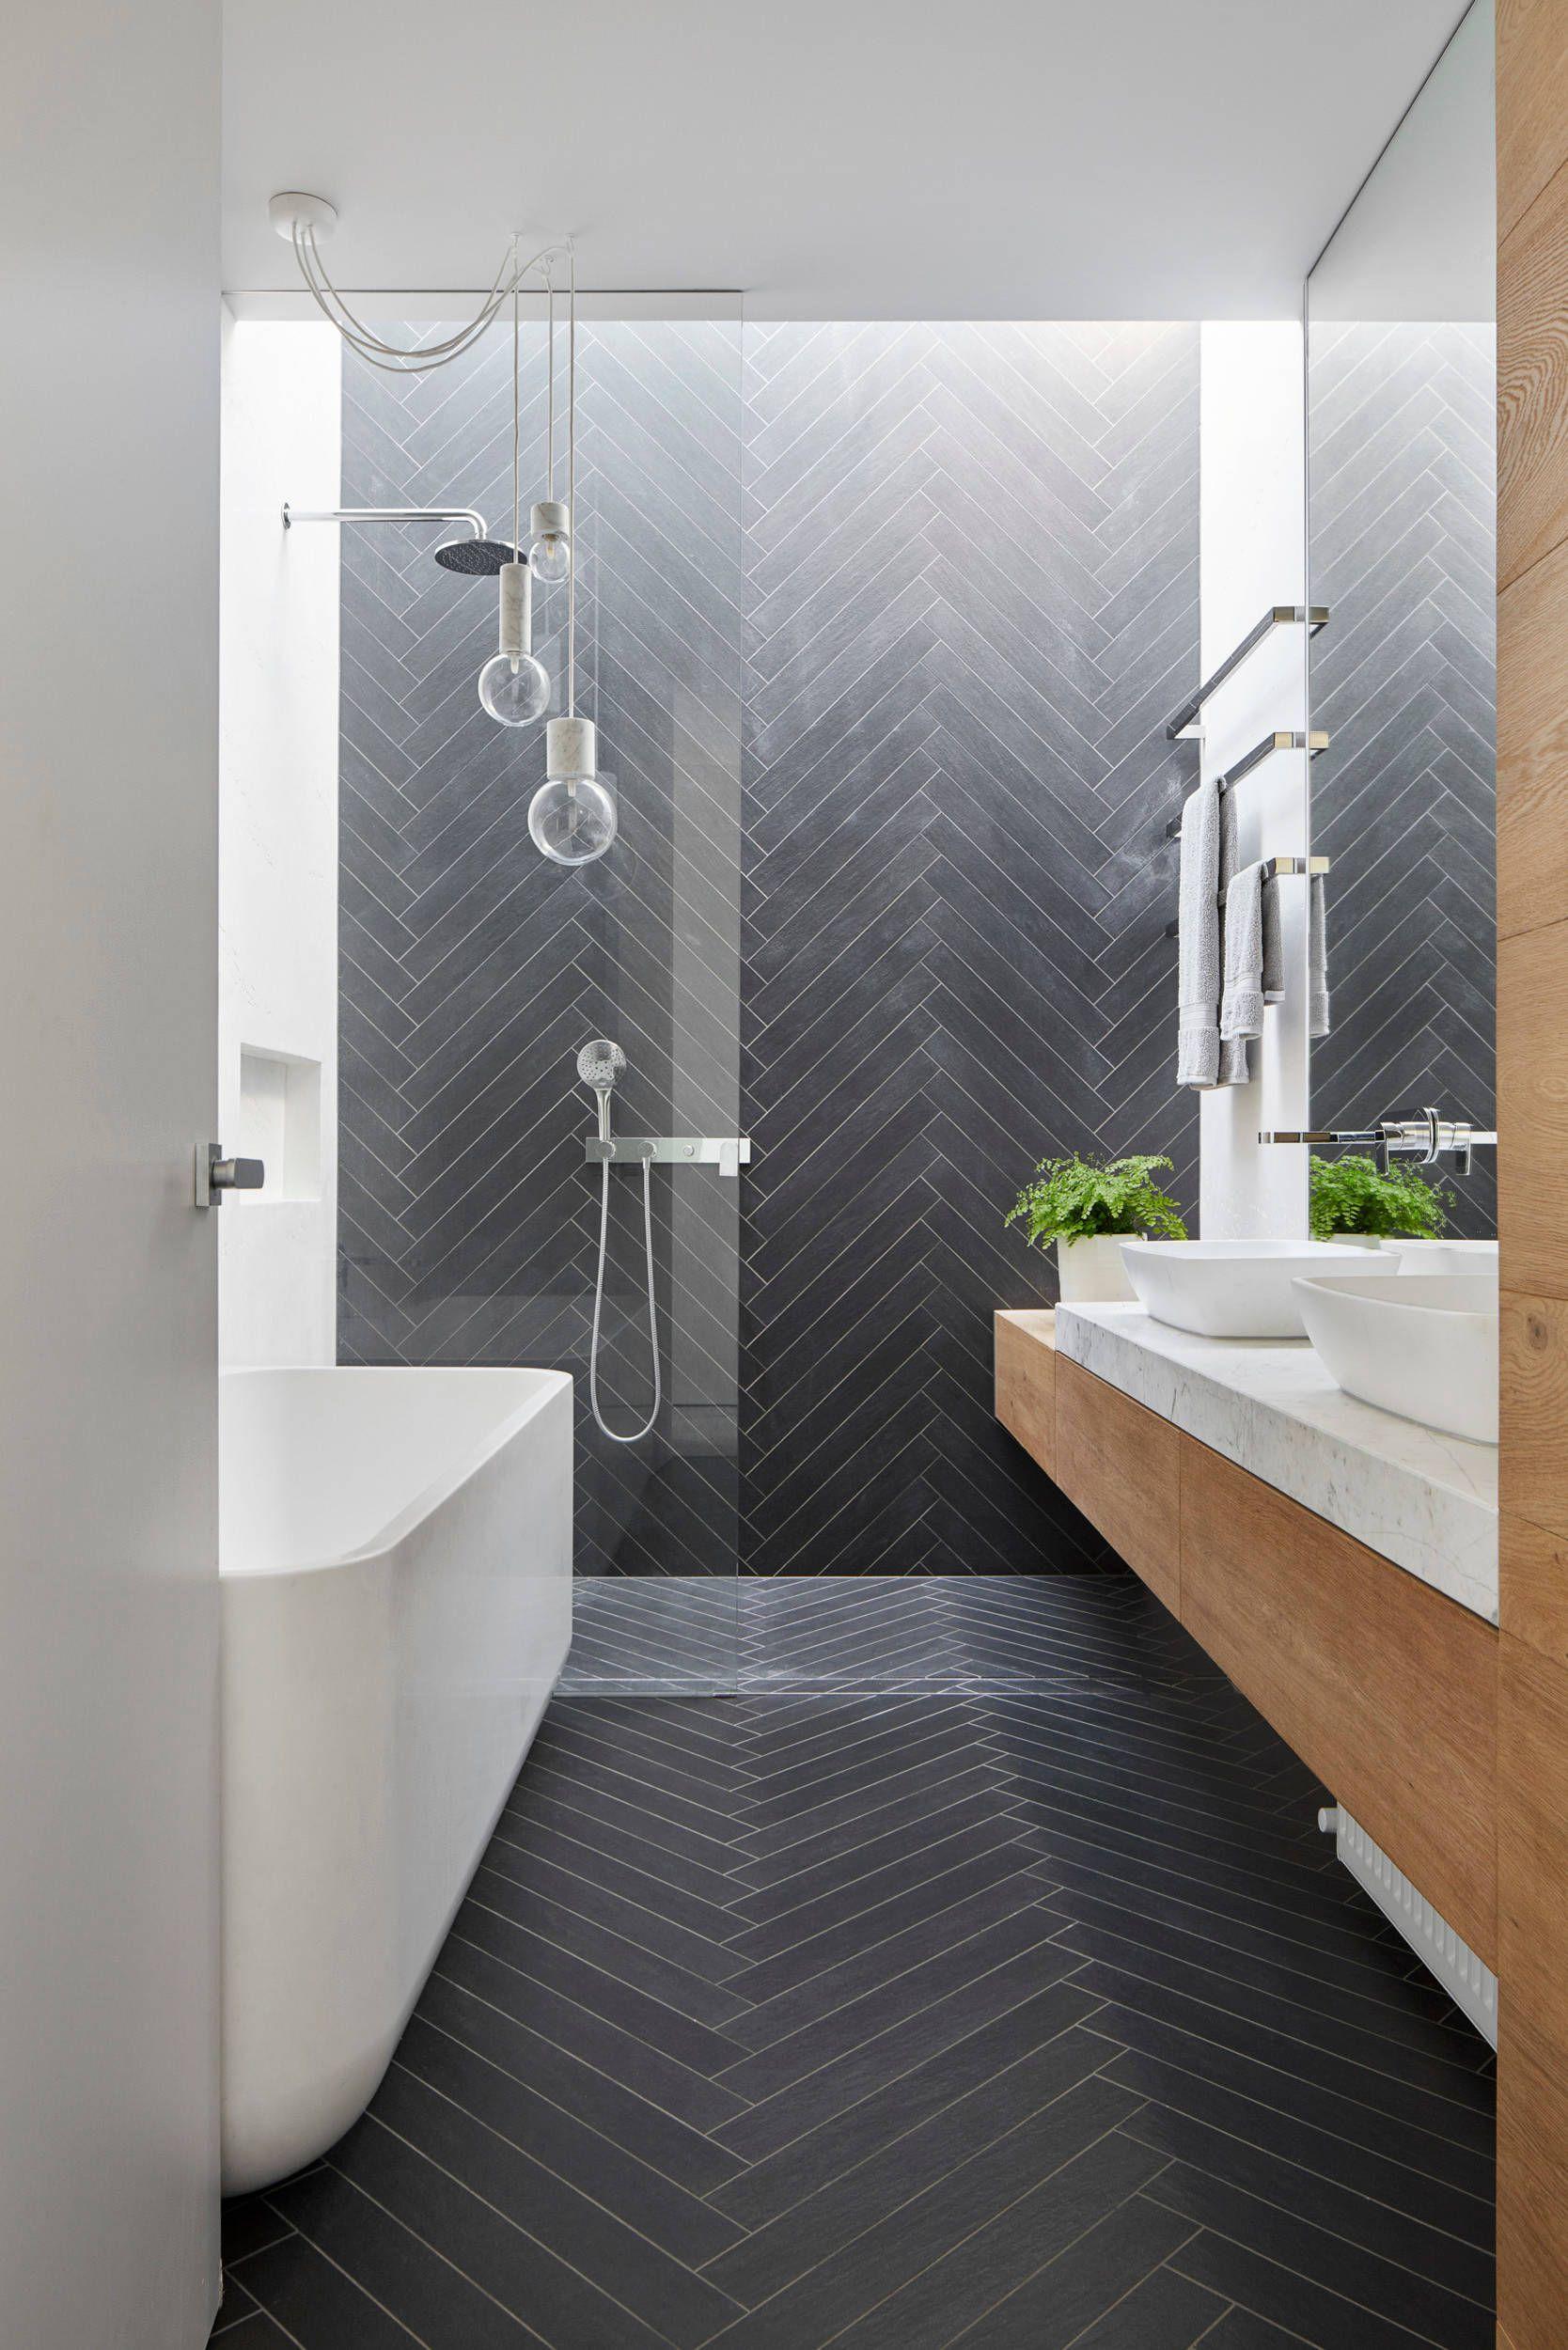 100 Schone Badezimmer Die Ihnen Helfen Den Spa Status Zu Erreichen Badezimmer Erreichen Helfen Ihnen Scho Badezimmer Badezimmer Klein Schone Badezimmer